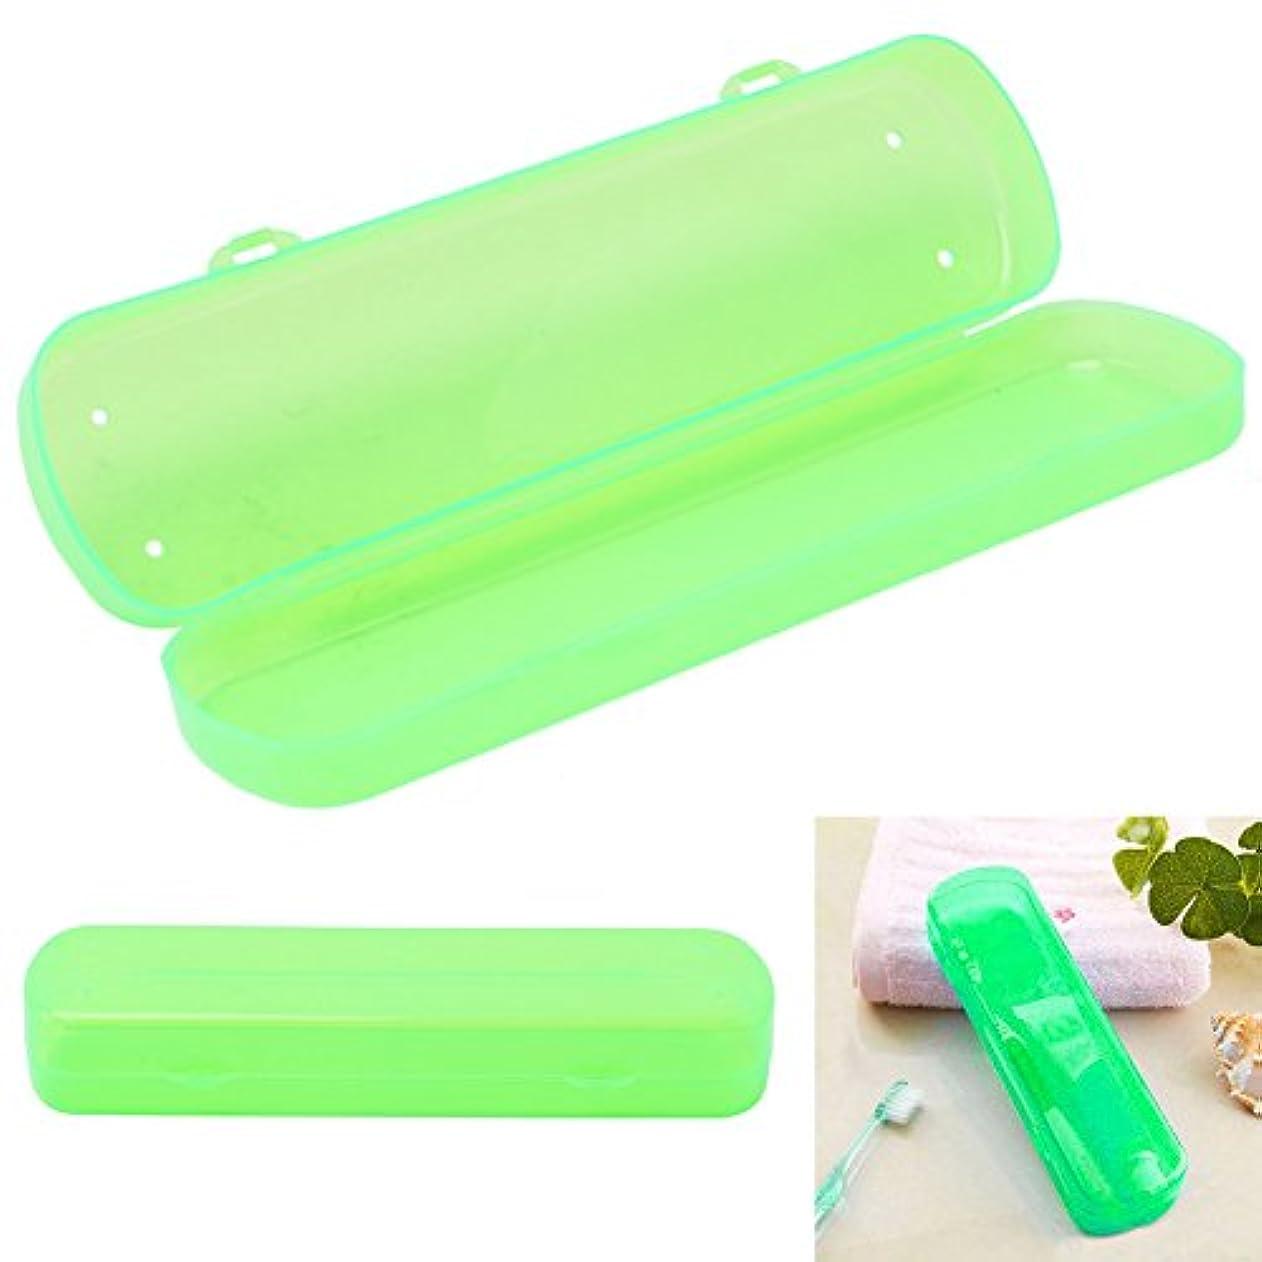 師匠サーマルオピエートMerssavo プラスチック製歯ブラシケース/旅行用ホルダー(グリーン)